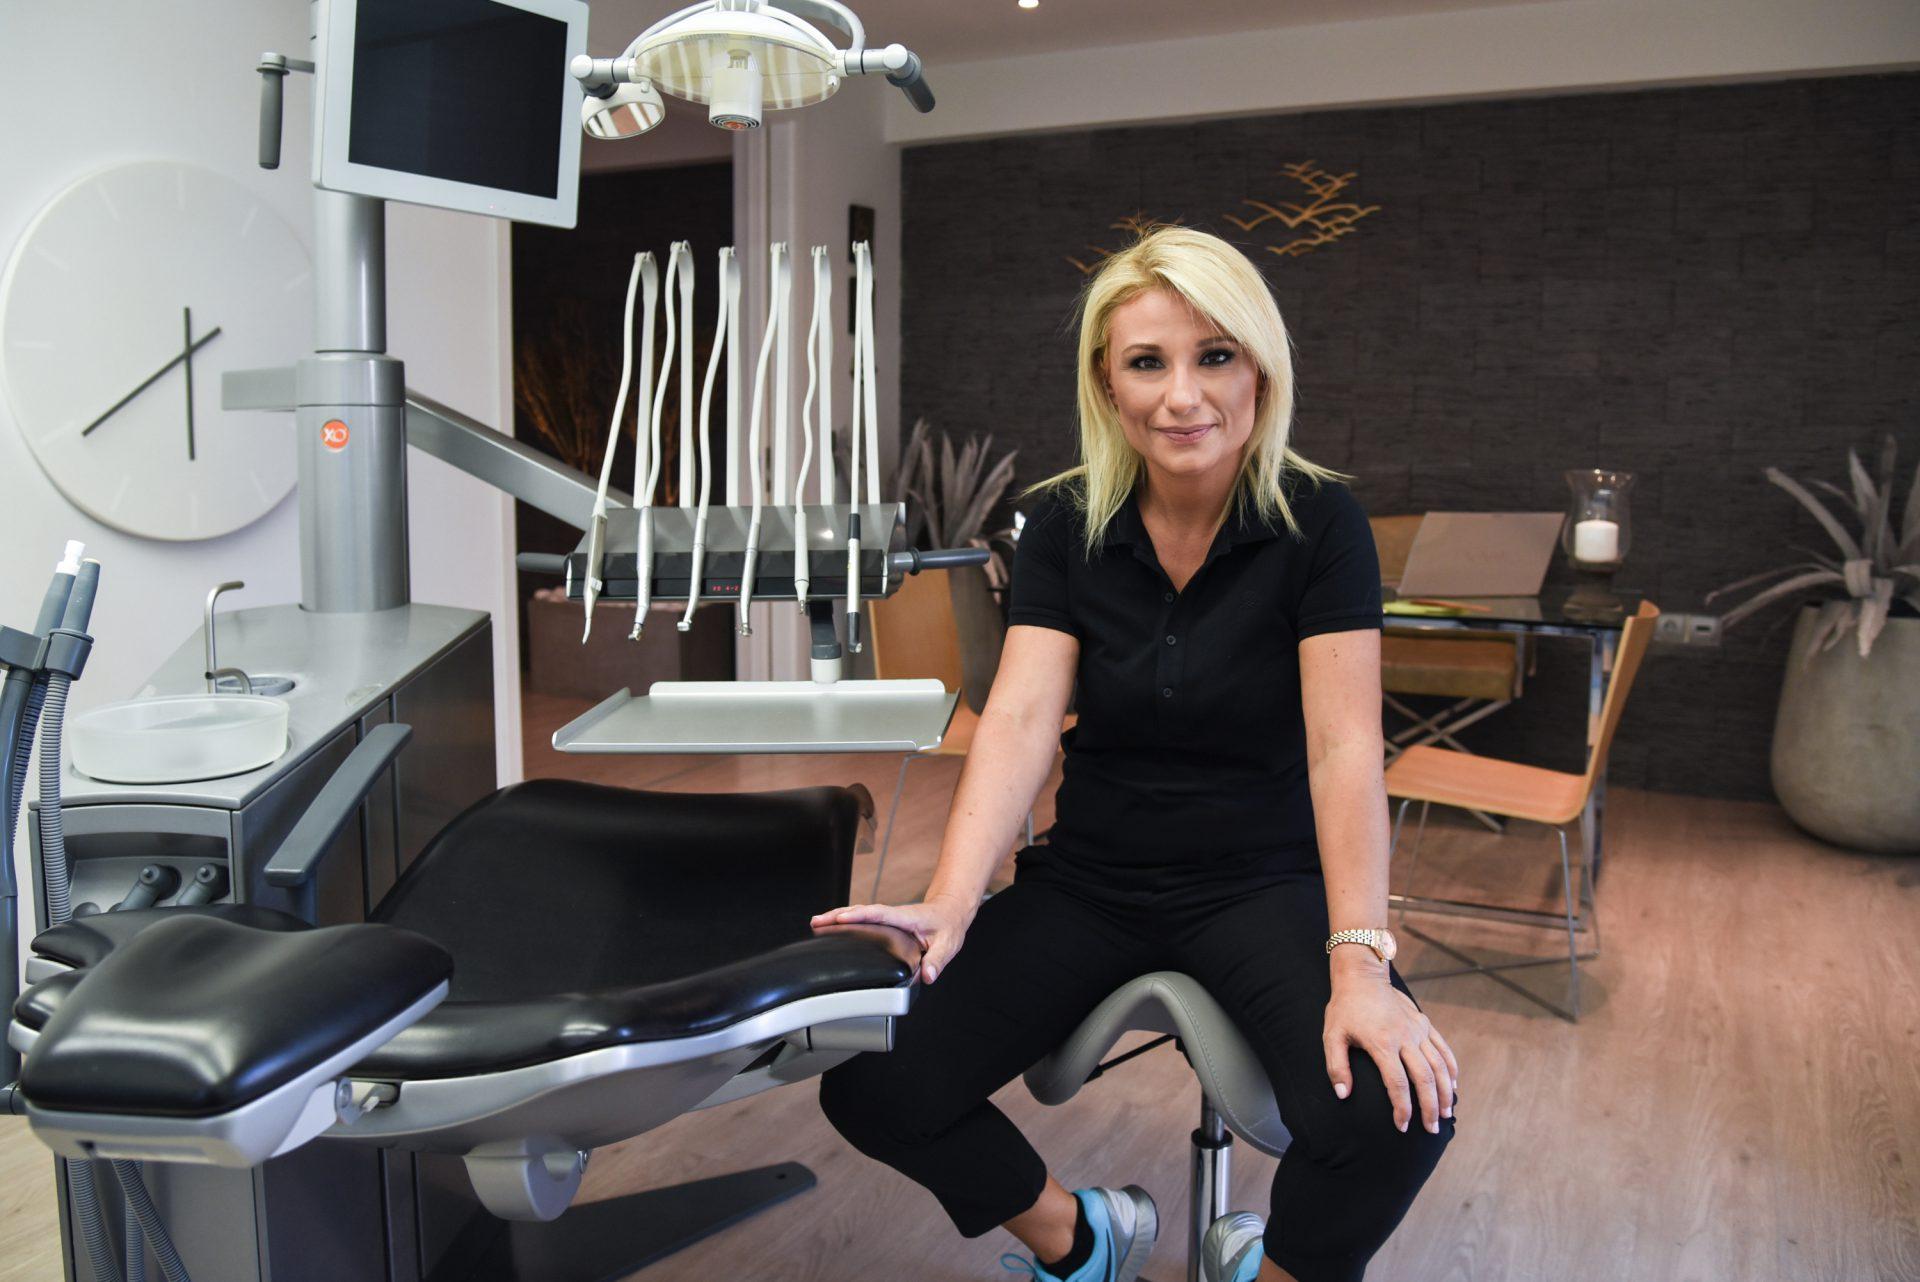 Δρ. Χριστίνα Μορφύρη- Αισθητικός Οδοντίατρος